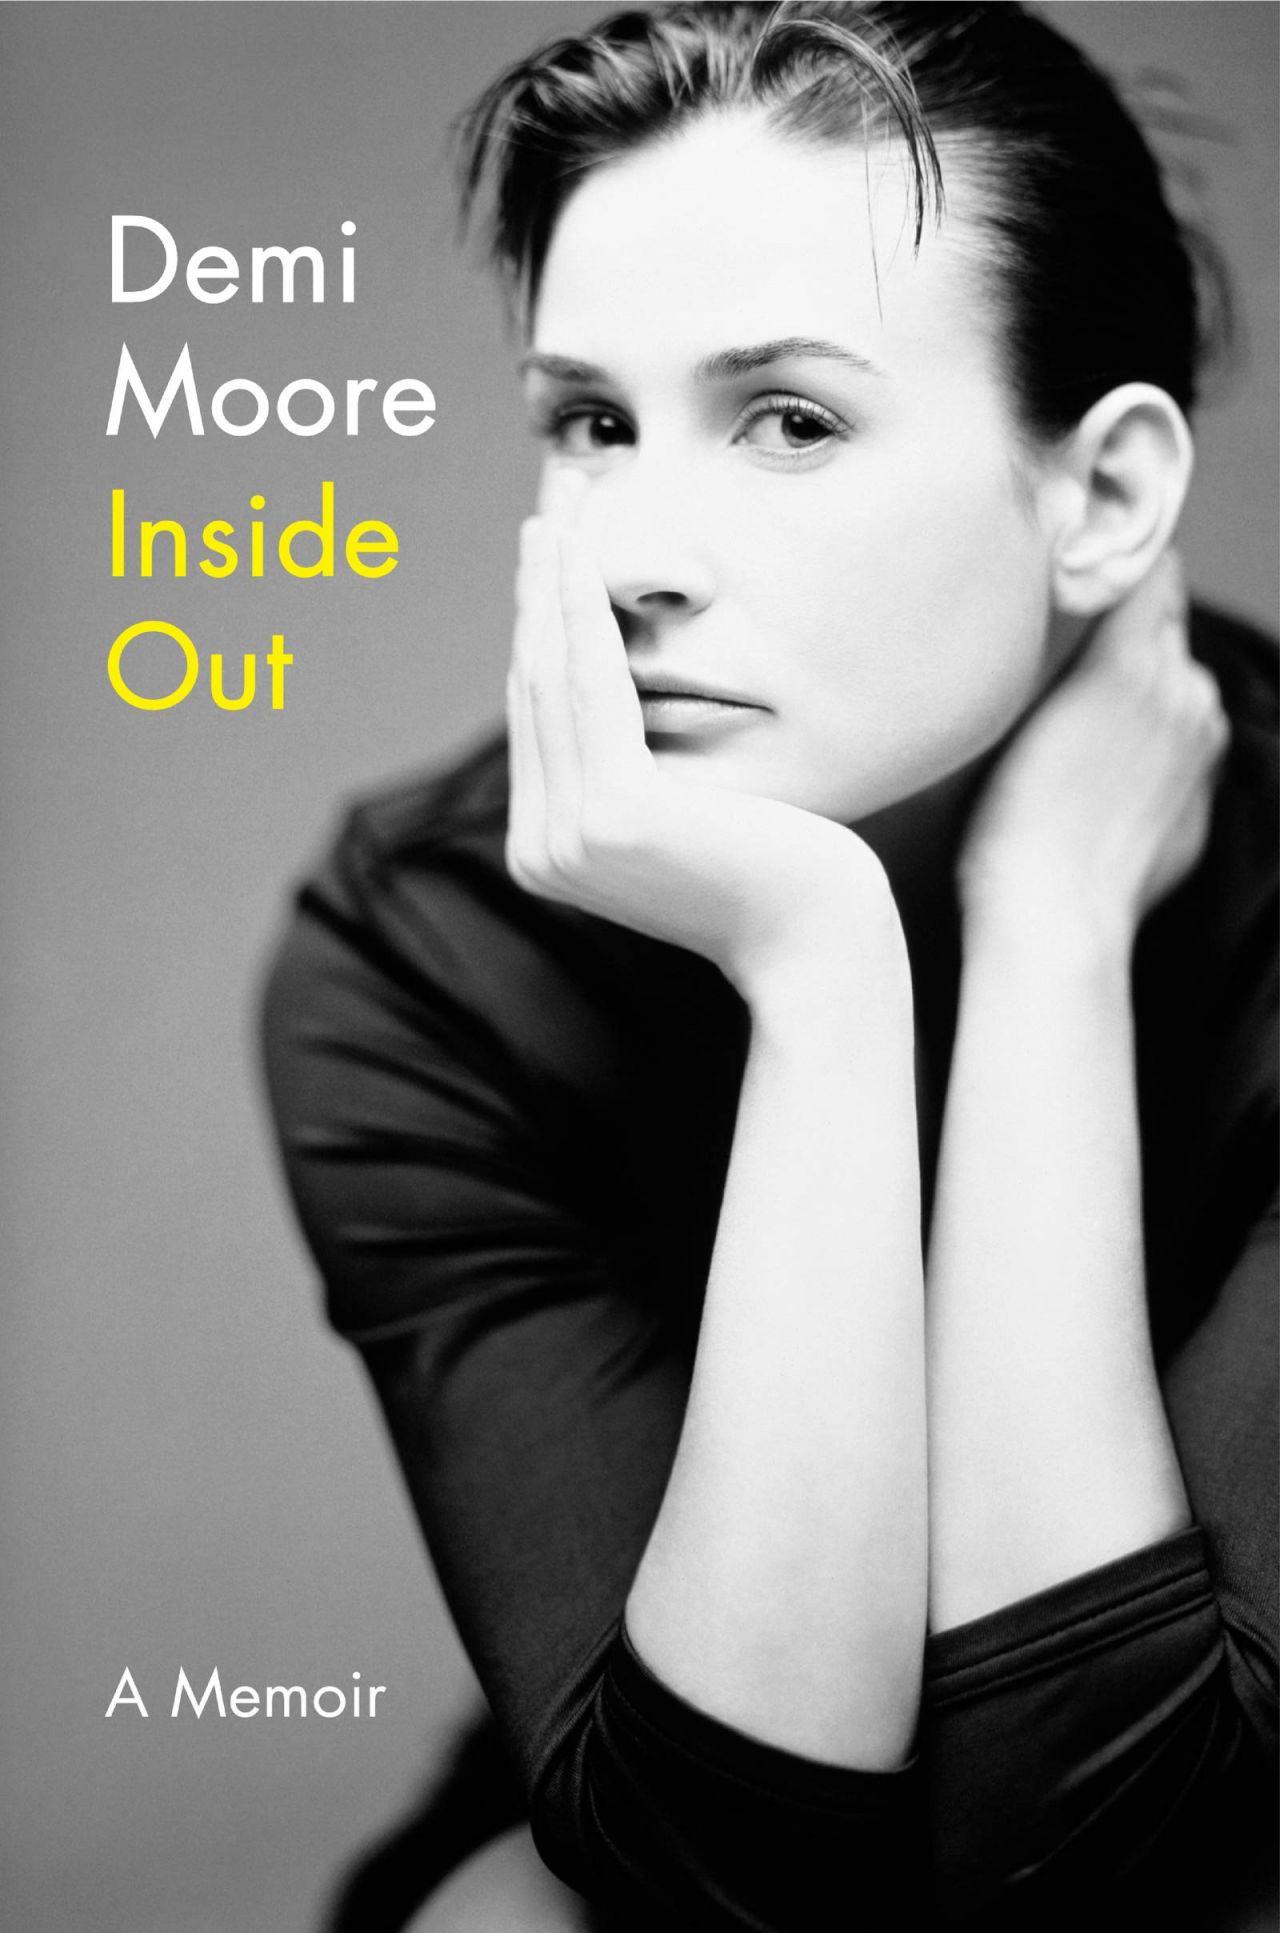 Ünlü yıldız Demi Moore tecavüzcüsünü ifşa etti - Sayfa 1